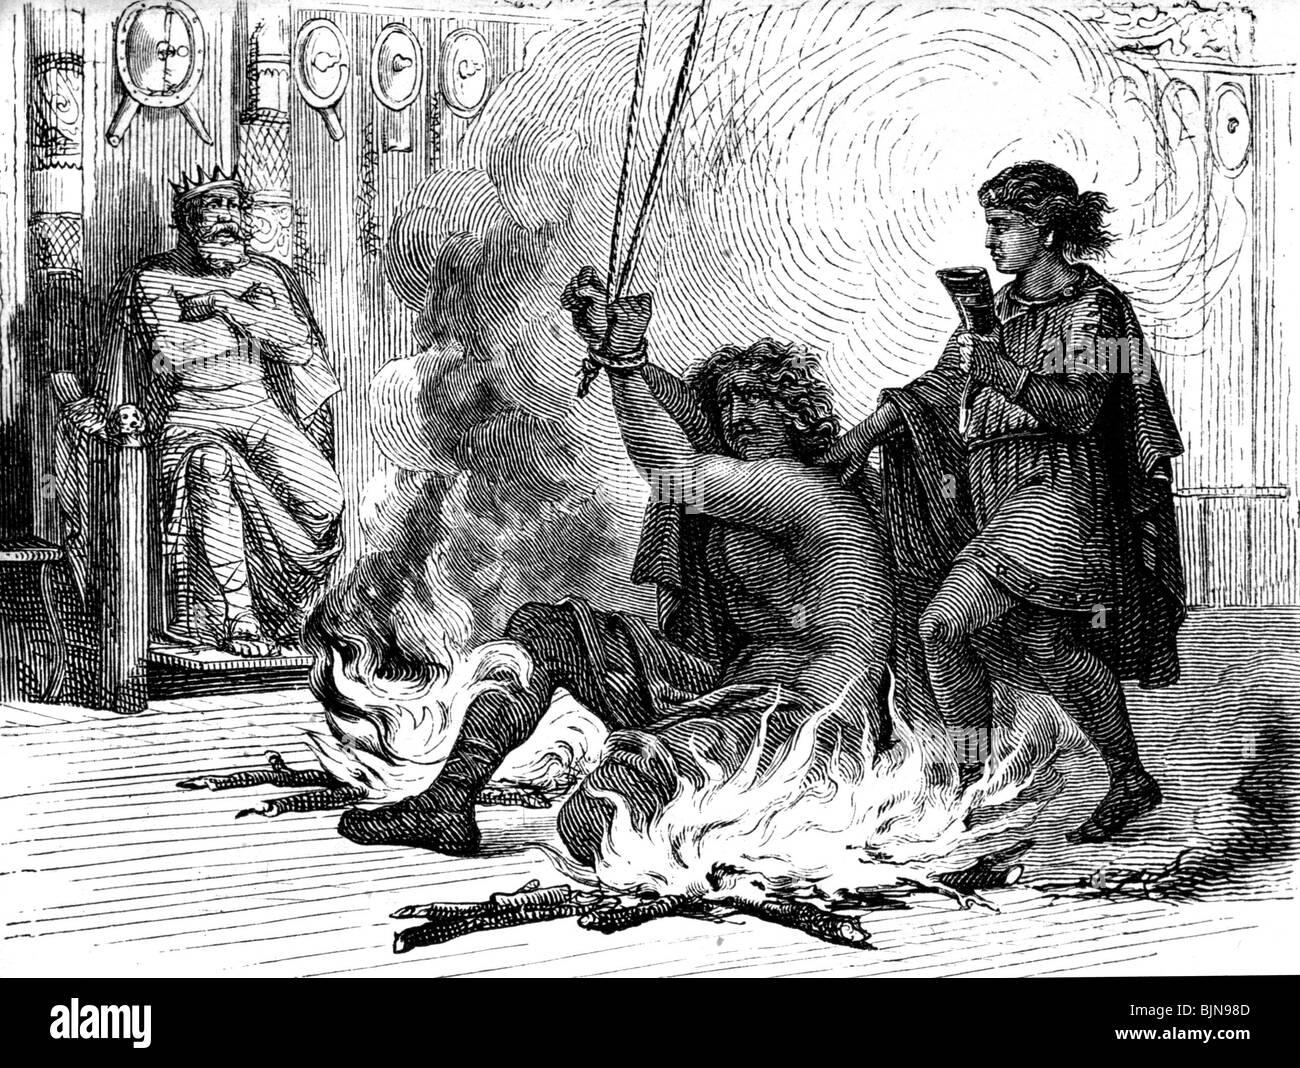 Literatura, leyendas nórdicas, Edda Poética, Odin entre dos fuegos con el rey Geirrod, grabado de madera después Foto de stock